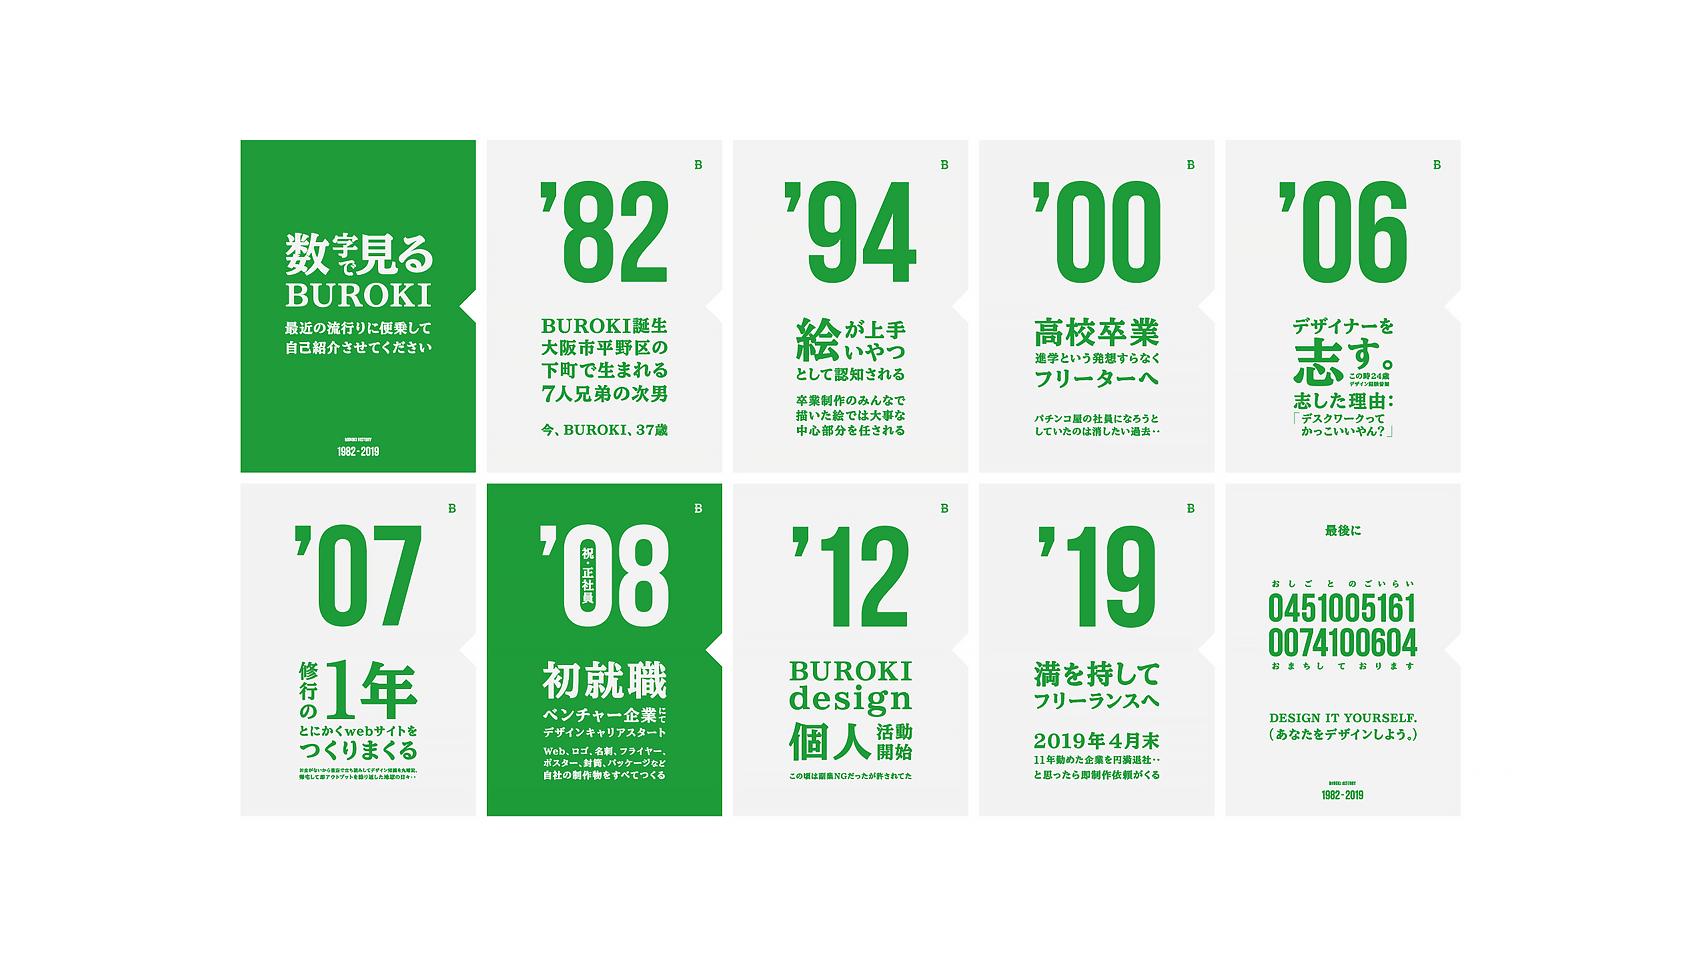 数字をメインに統一感を出してつくる。自己紹介プレゼン資料デザイン